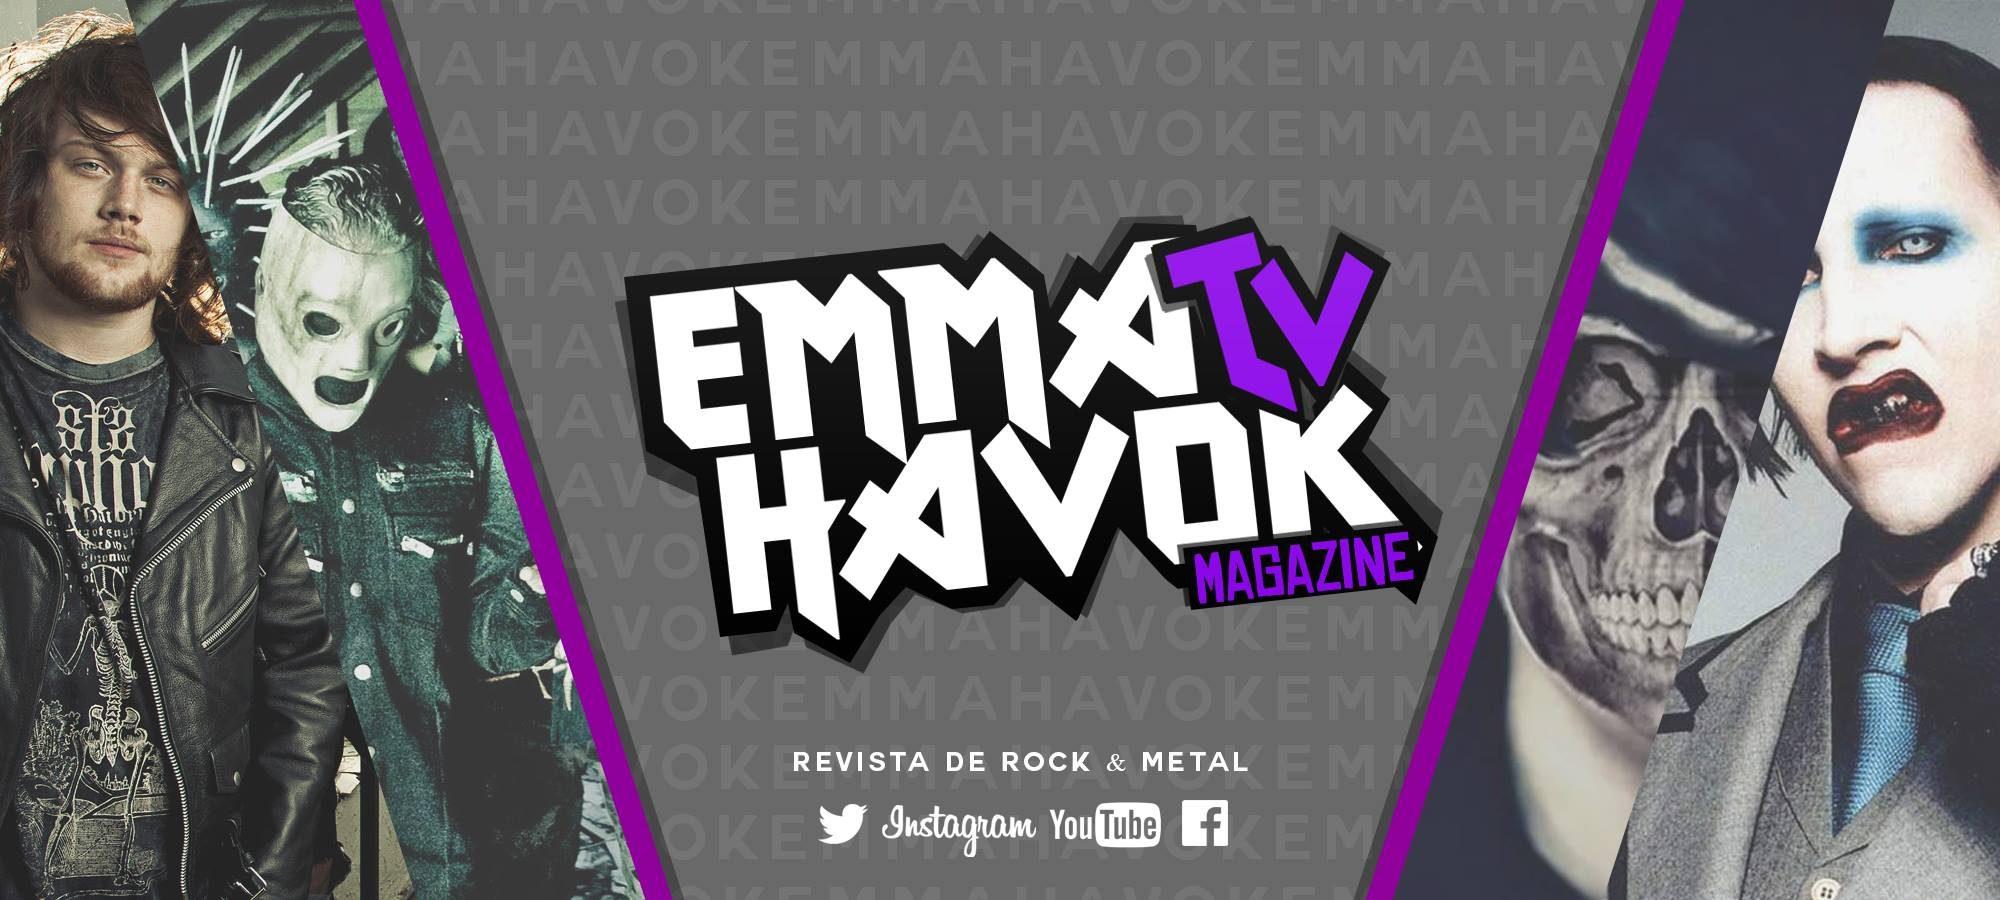 Emmahavok Magazine